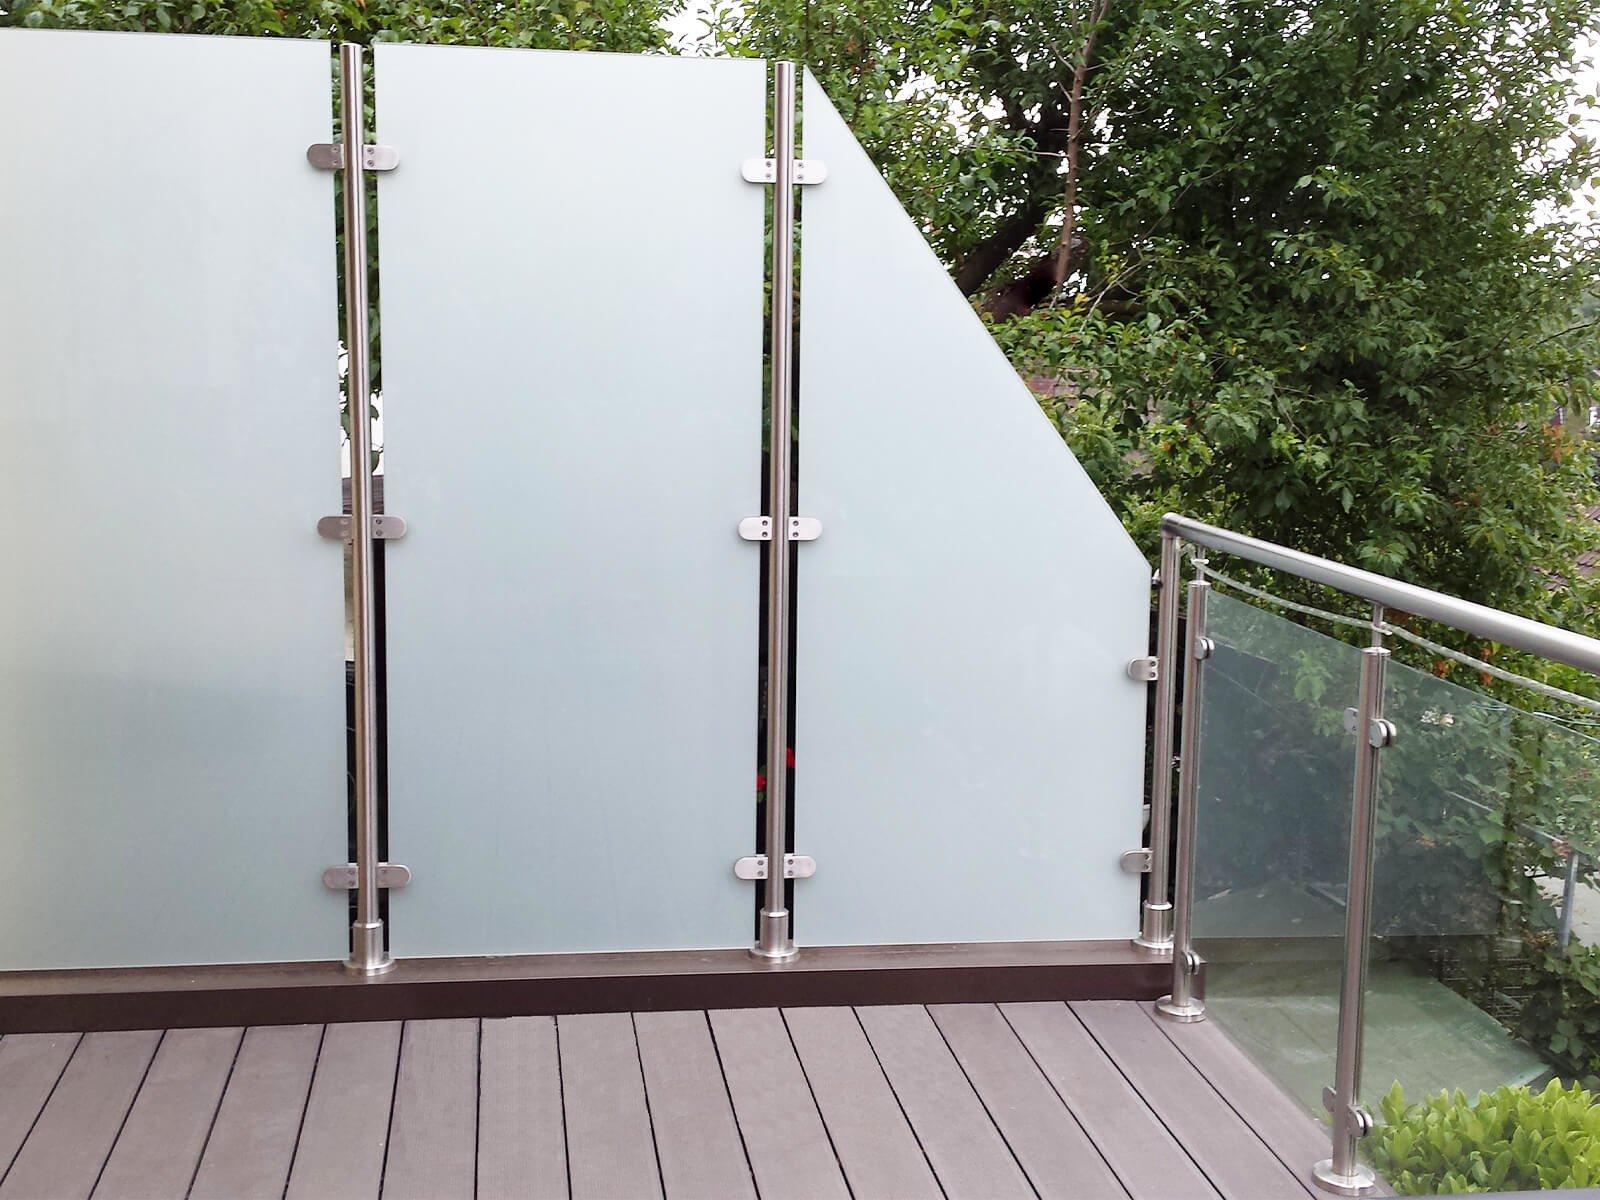 wind-und-sichtschutz-transvent-individuelle-schraegschnitte-und-gestaltungsmoeglichkeiten-fuer-garten-terrasse-und-balkon